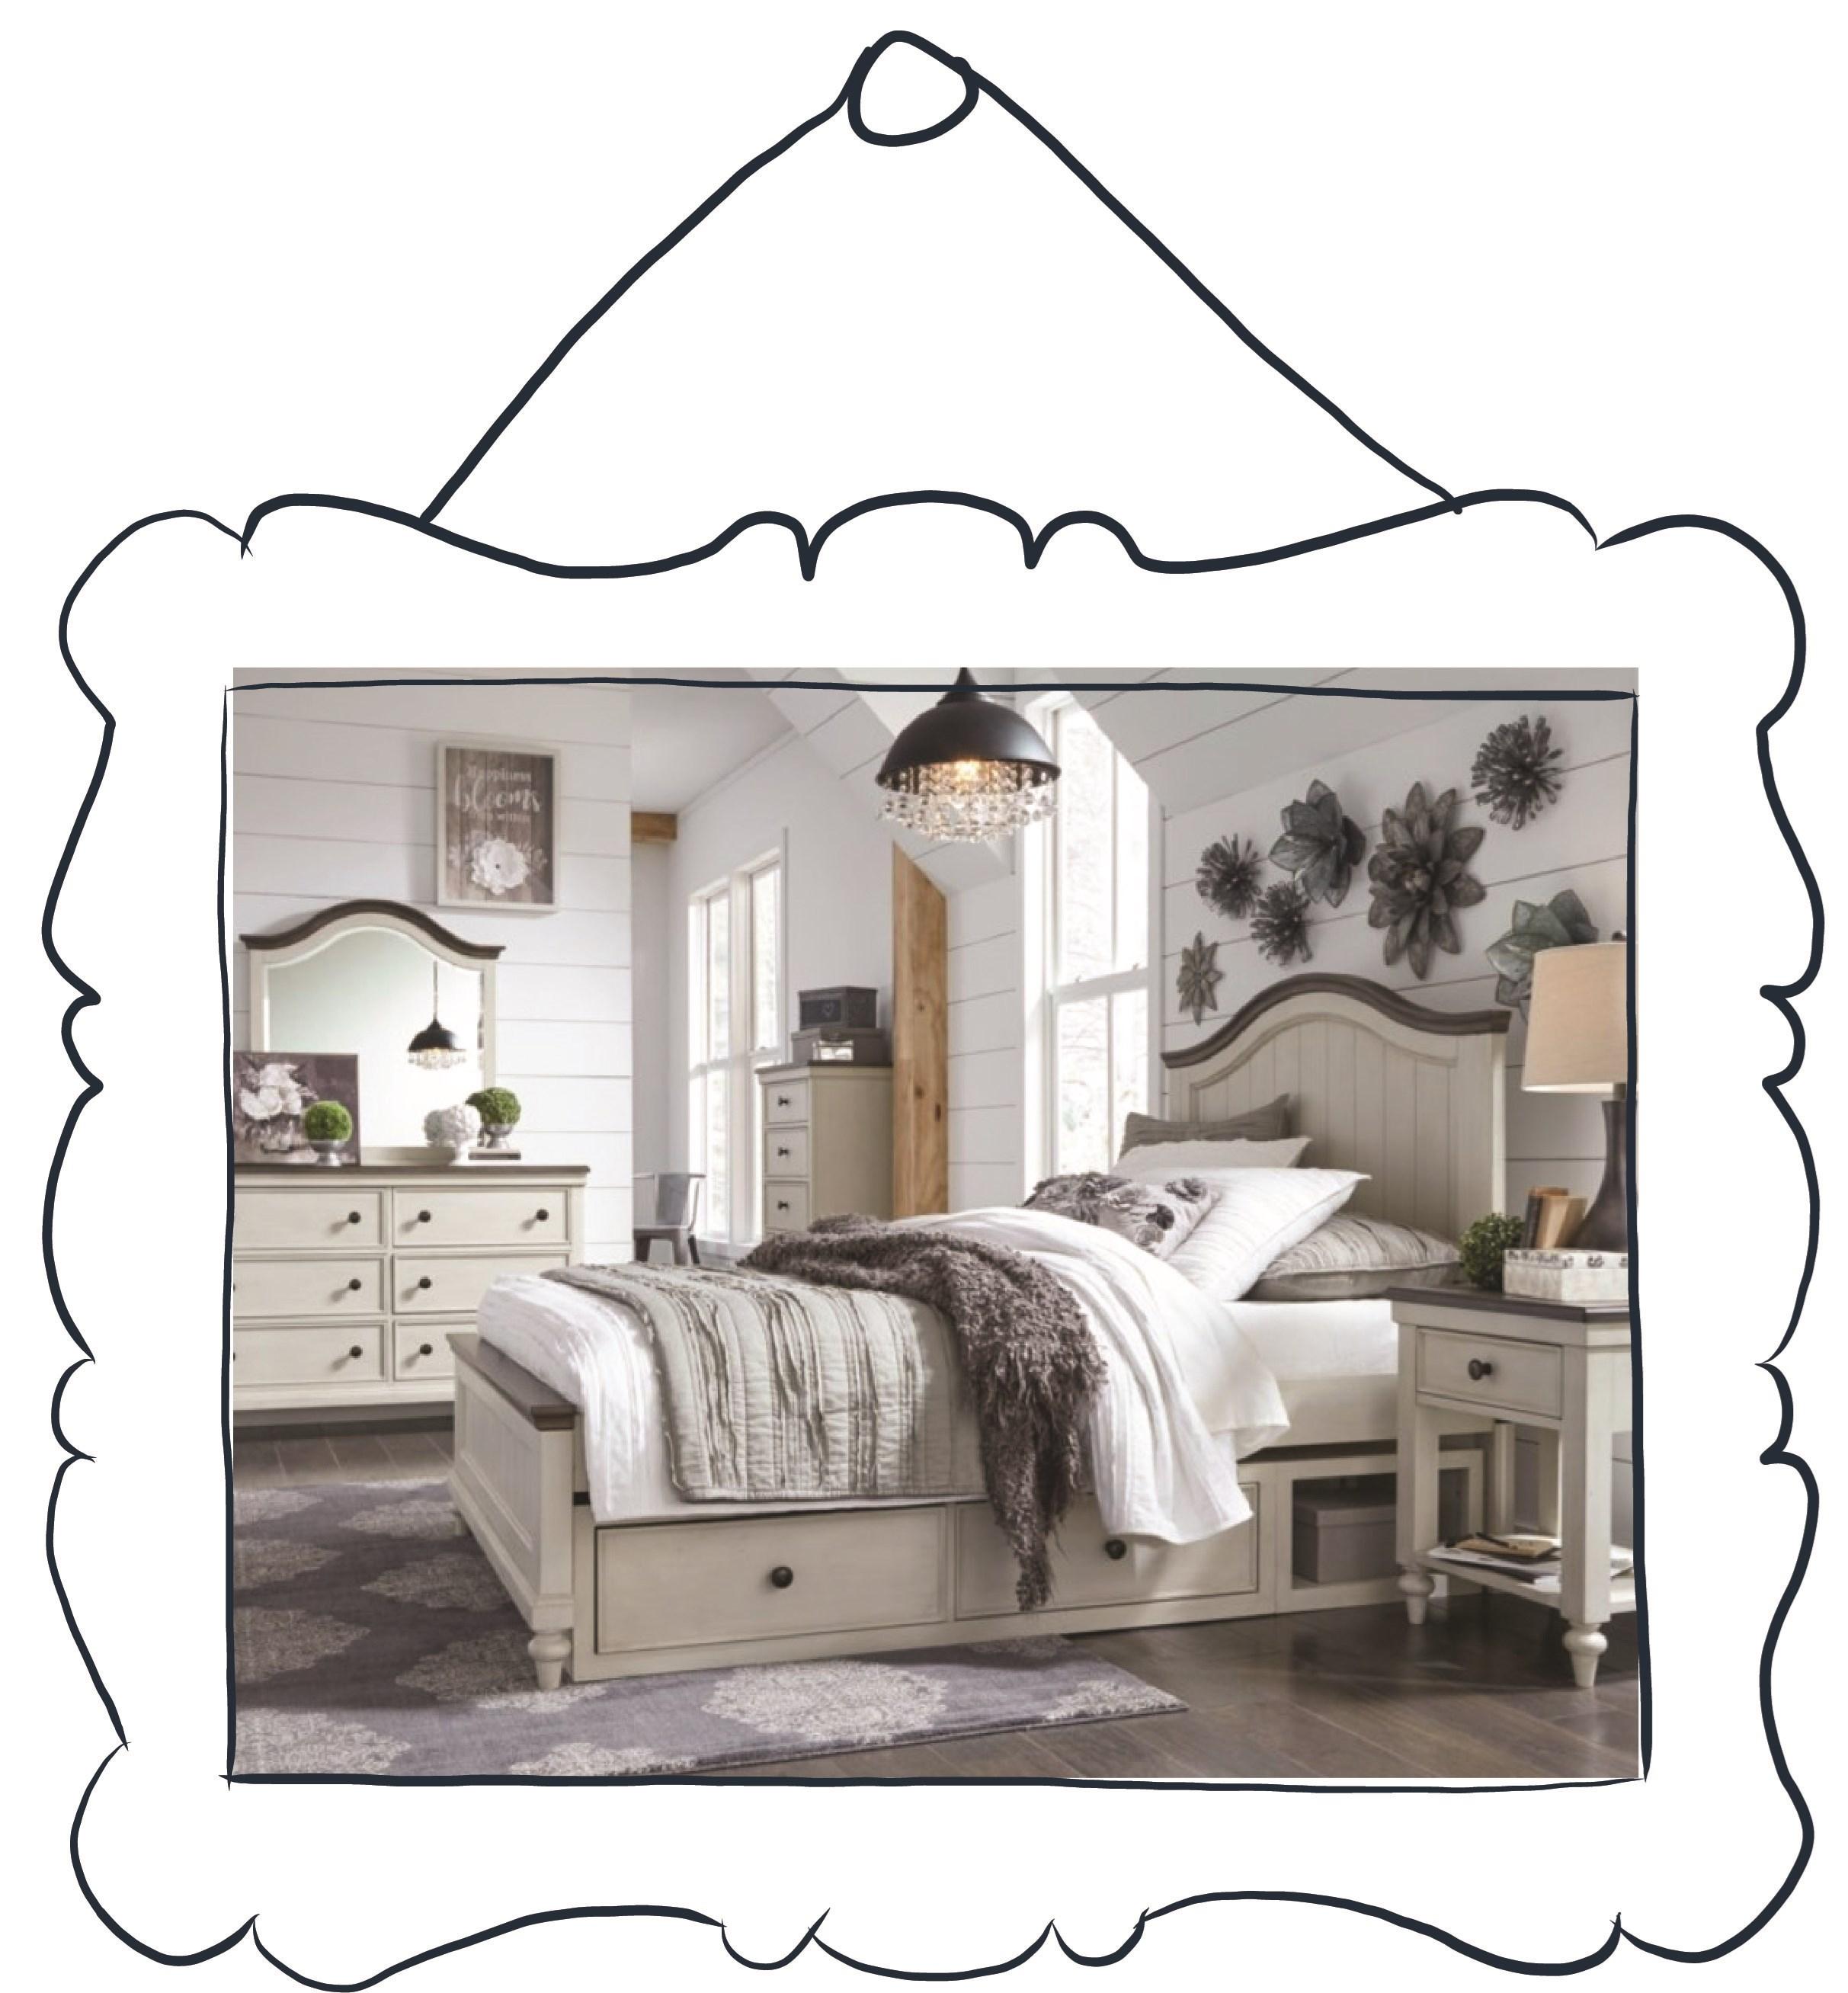 Patio Furniture Agoura Hills Ca: Legacy Classic Kids Furniture Gallery